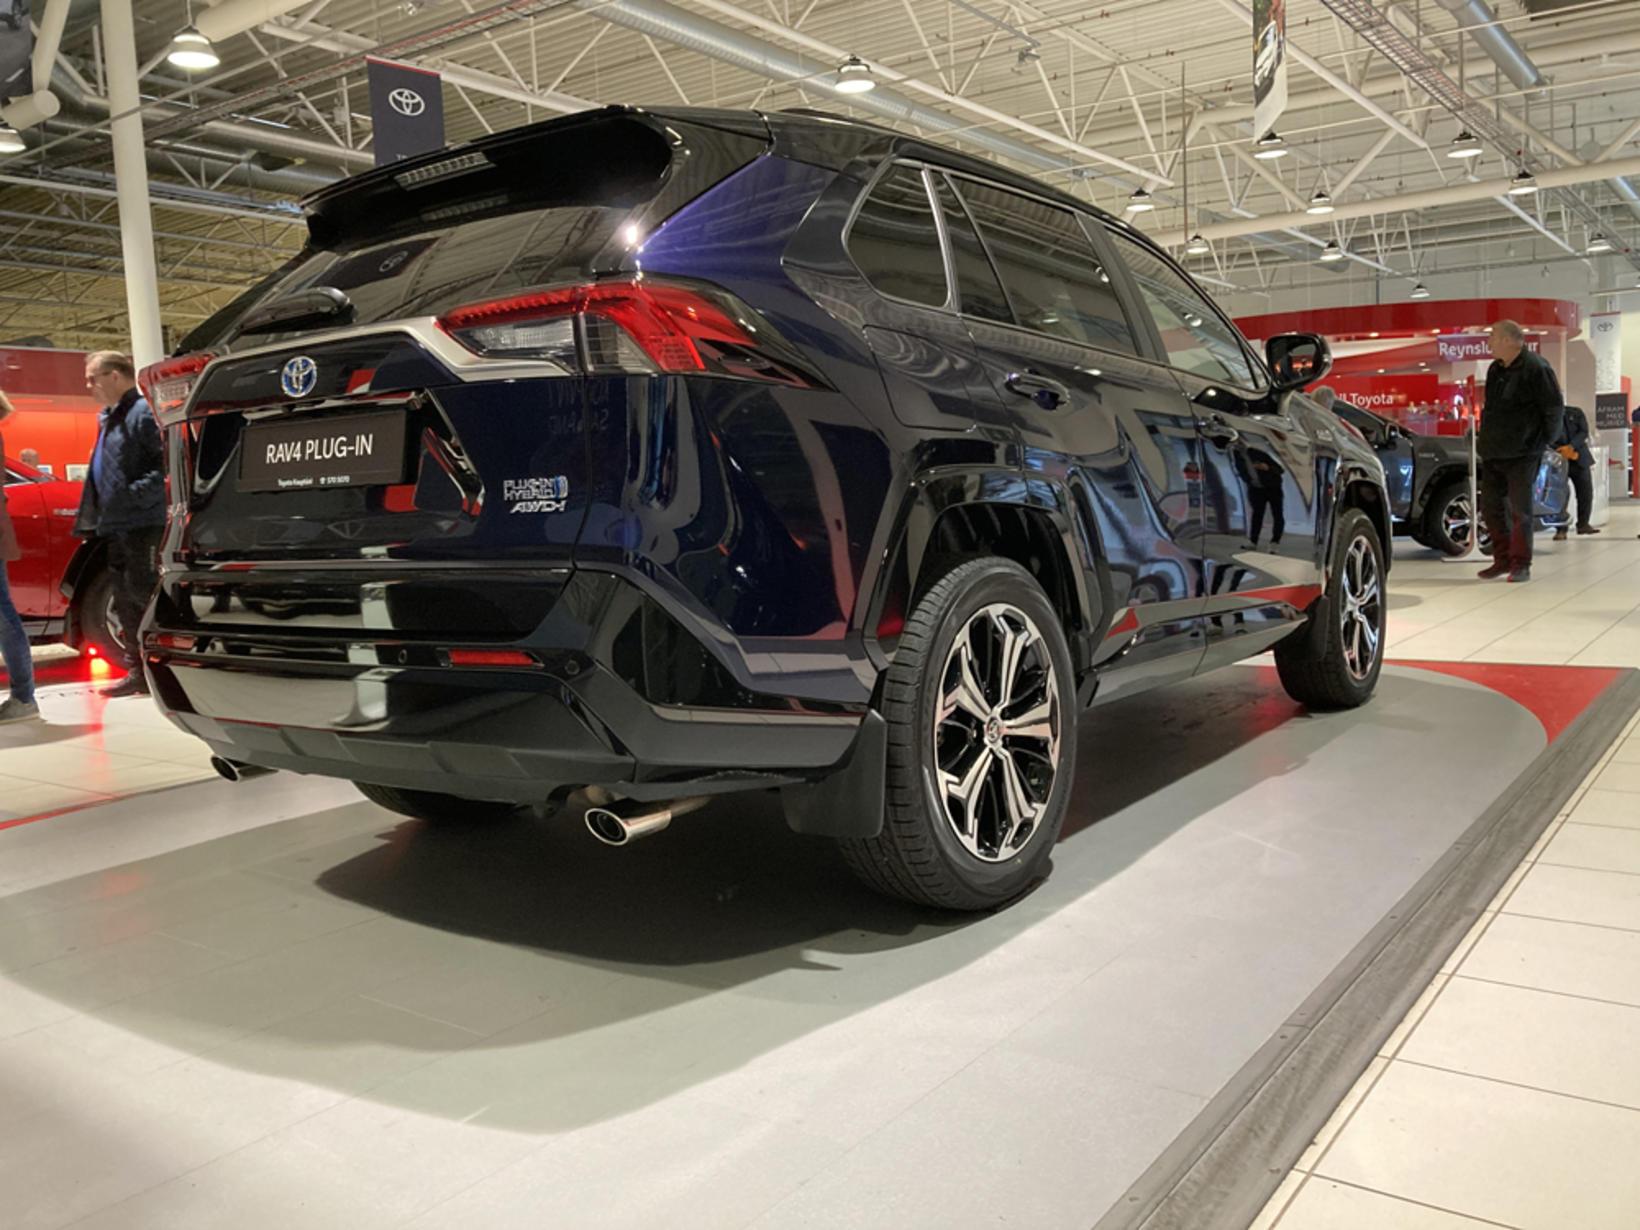 Toyota RAV4 tengiltvinnbíllinn.